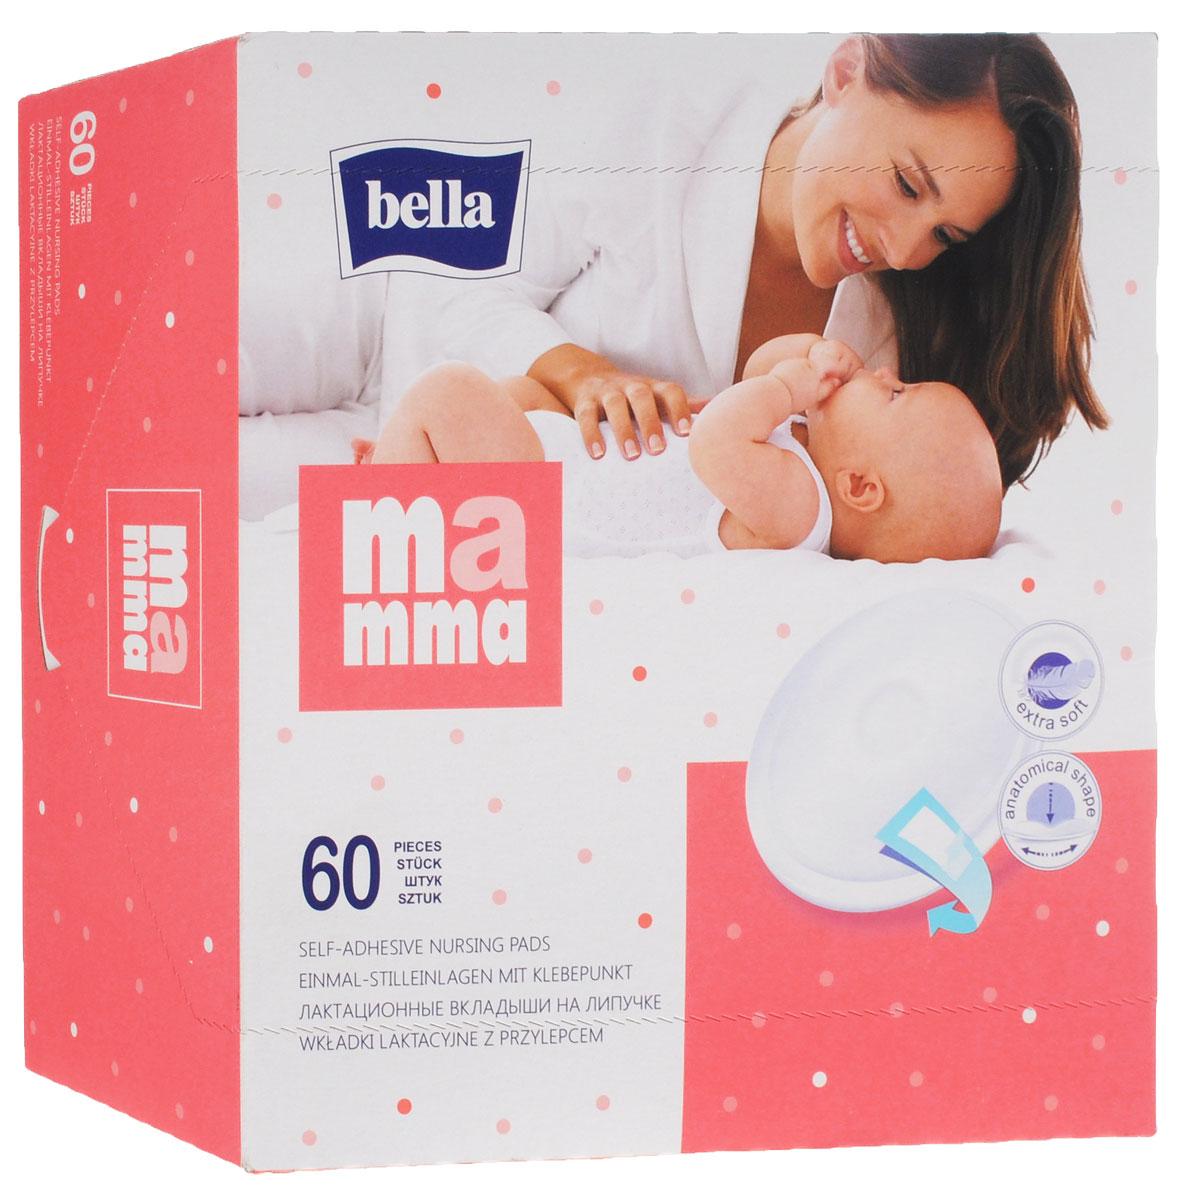 Bella Вкладыши лактационные Mamma на липучке 60 шт